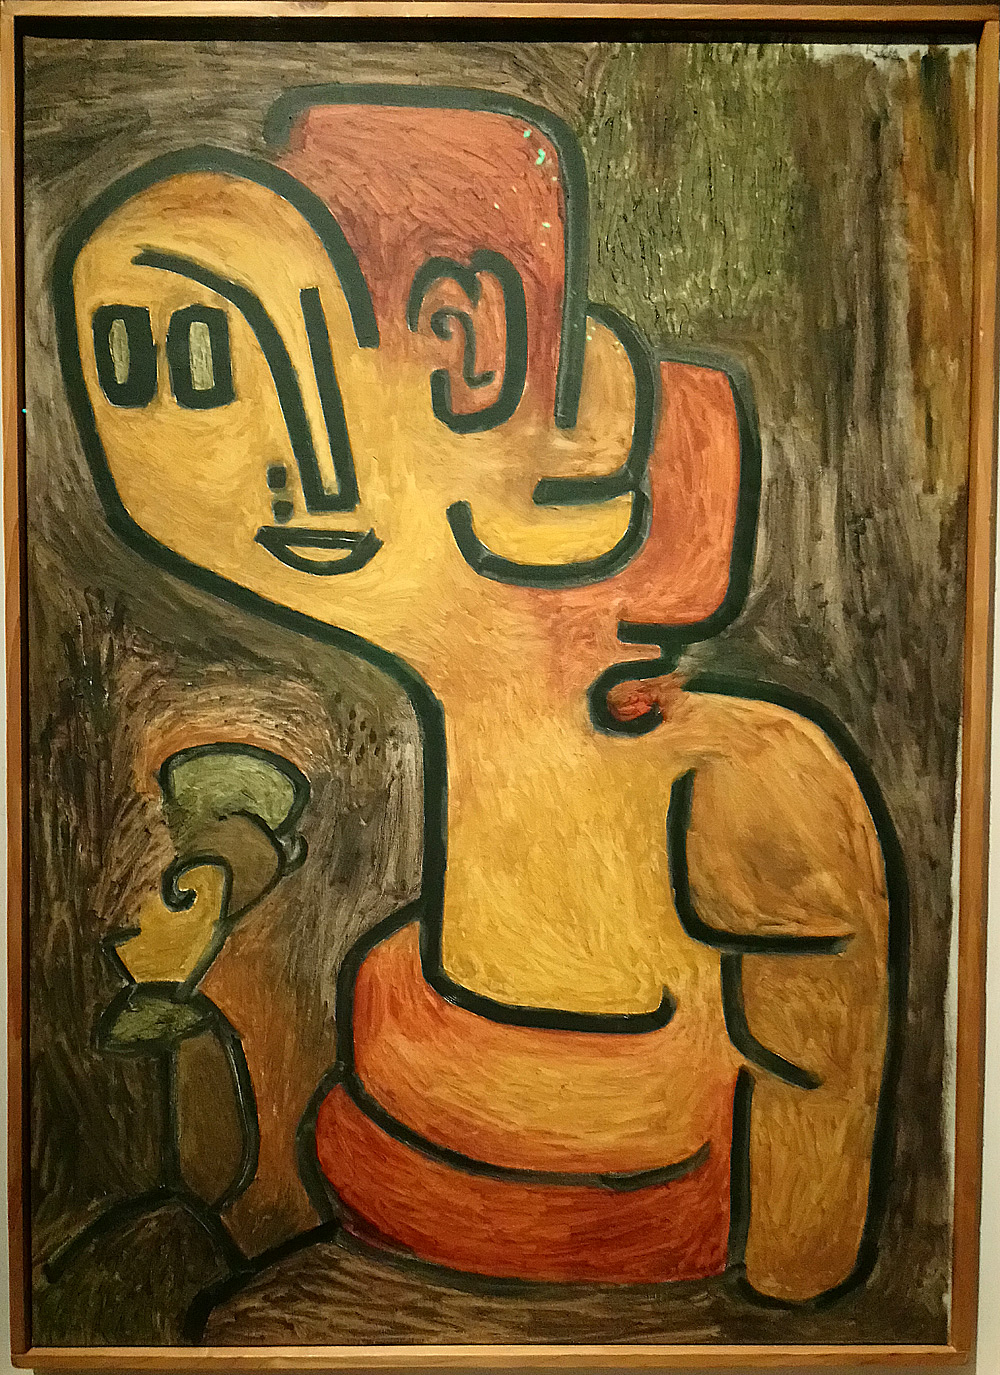 Paul Klee, Brustbild Gaia, Ritratto a mezzobusto di Gaia (1939; olio su imprimitura a olio sucotone, 97 × 69cm Svizzera, Collezione privata, indeposito permanente alZentrum Paul Klee, Berna)